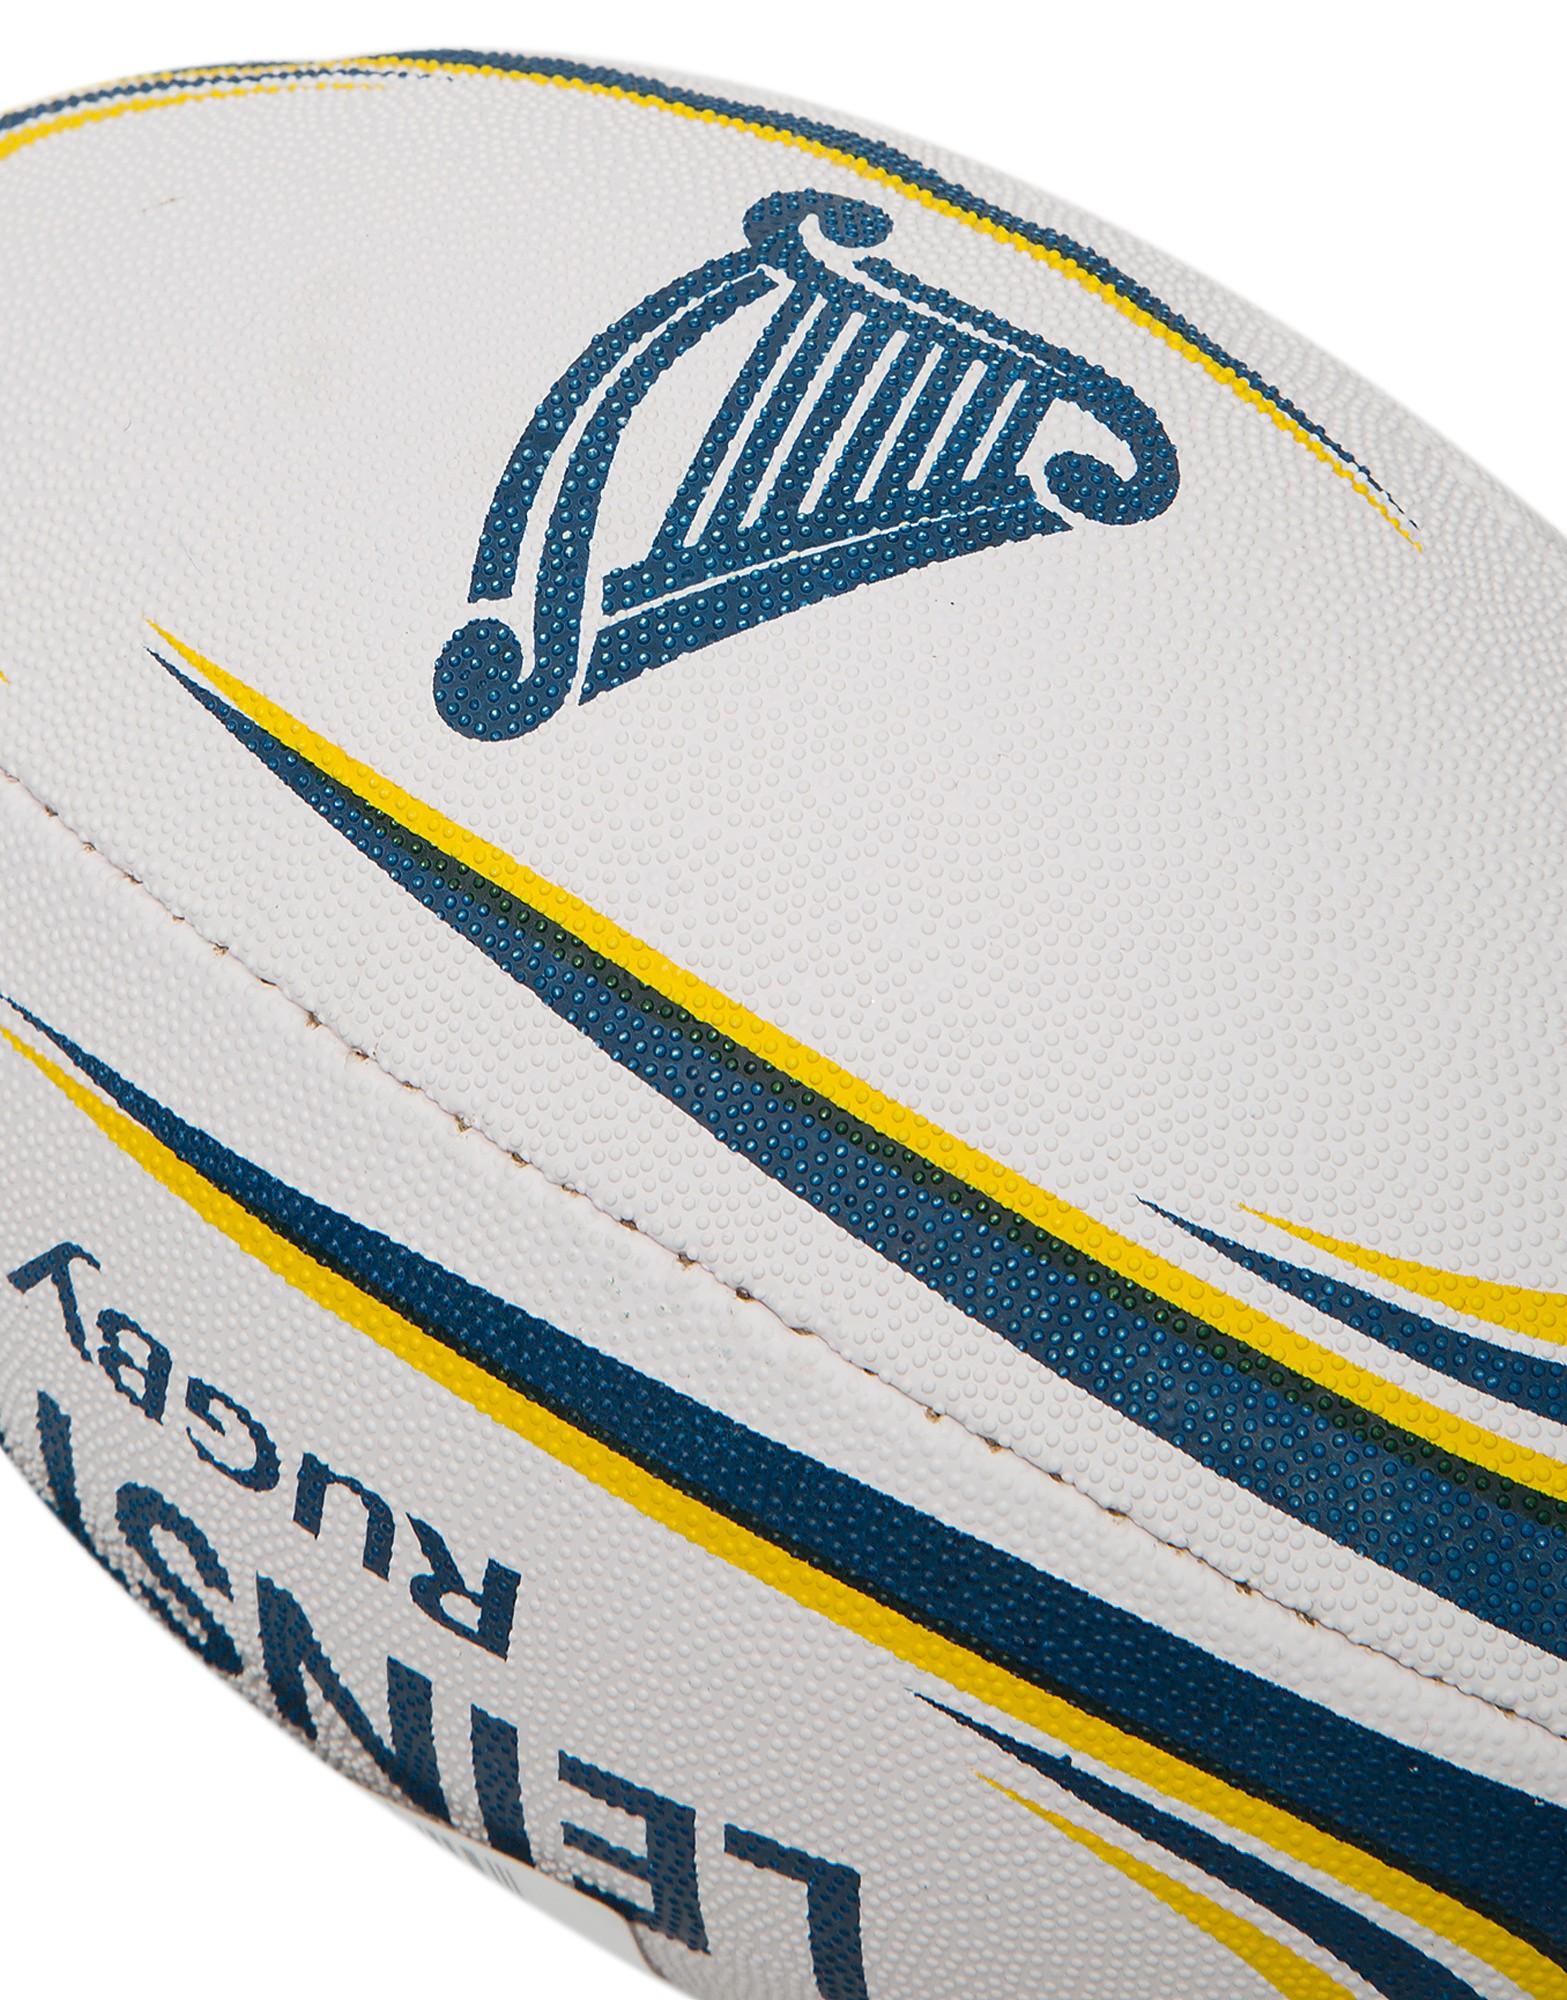 Daricia Mini ballon de rugby Leinster